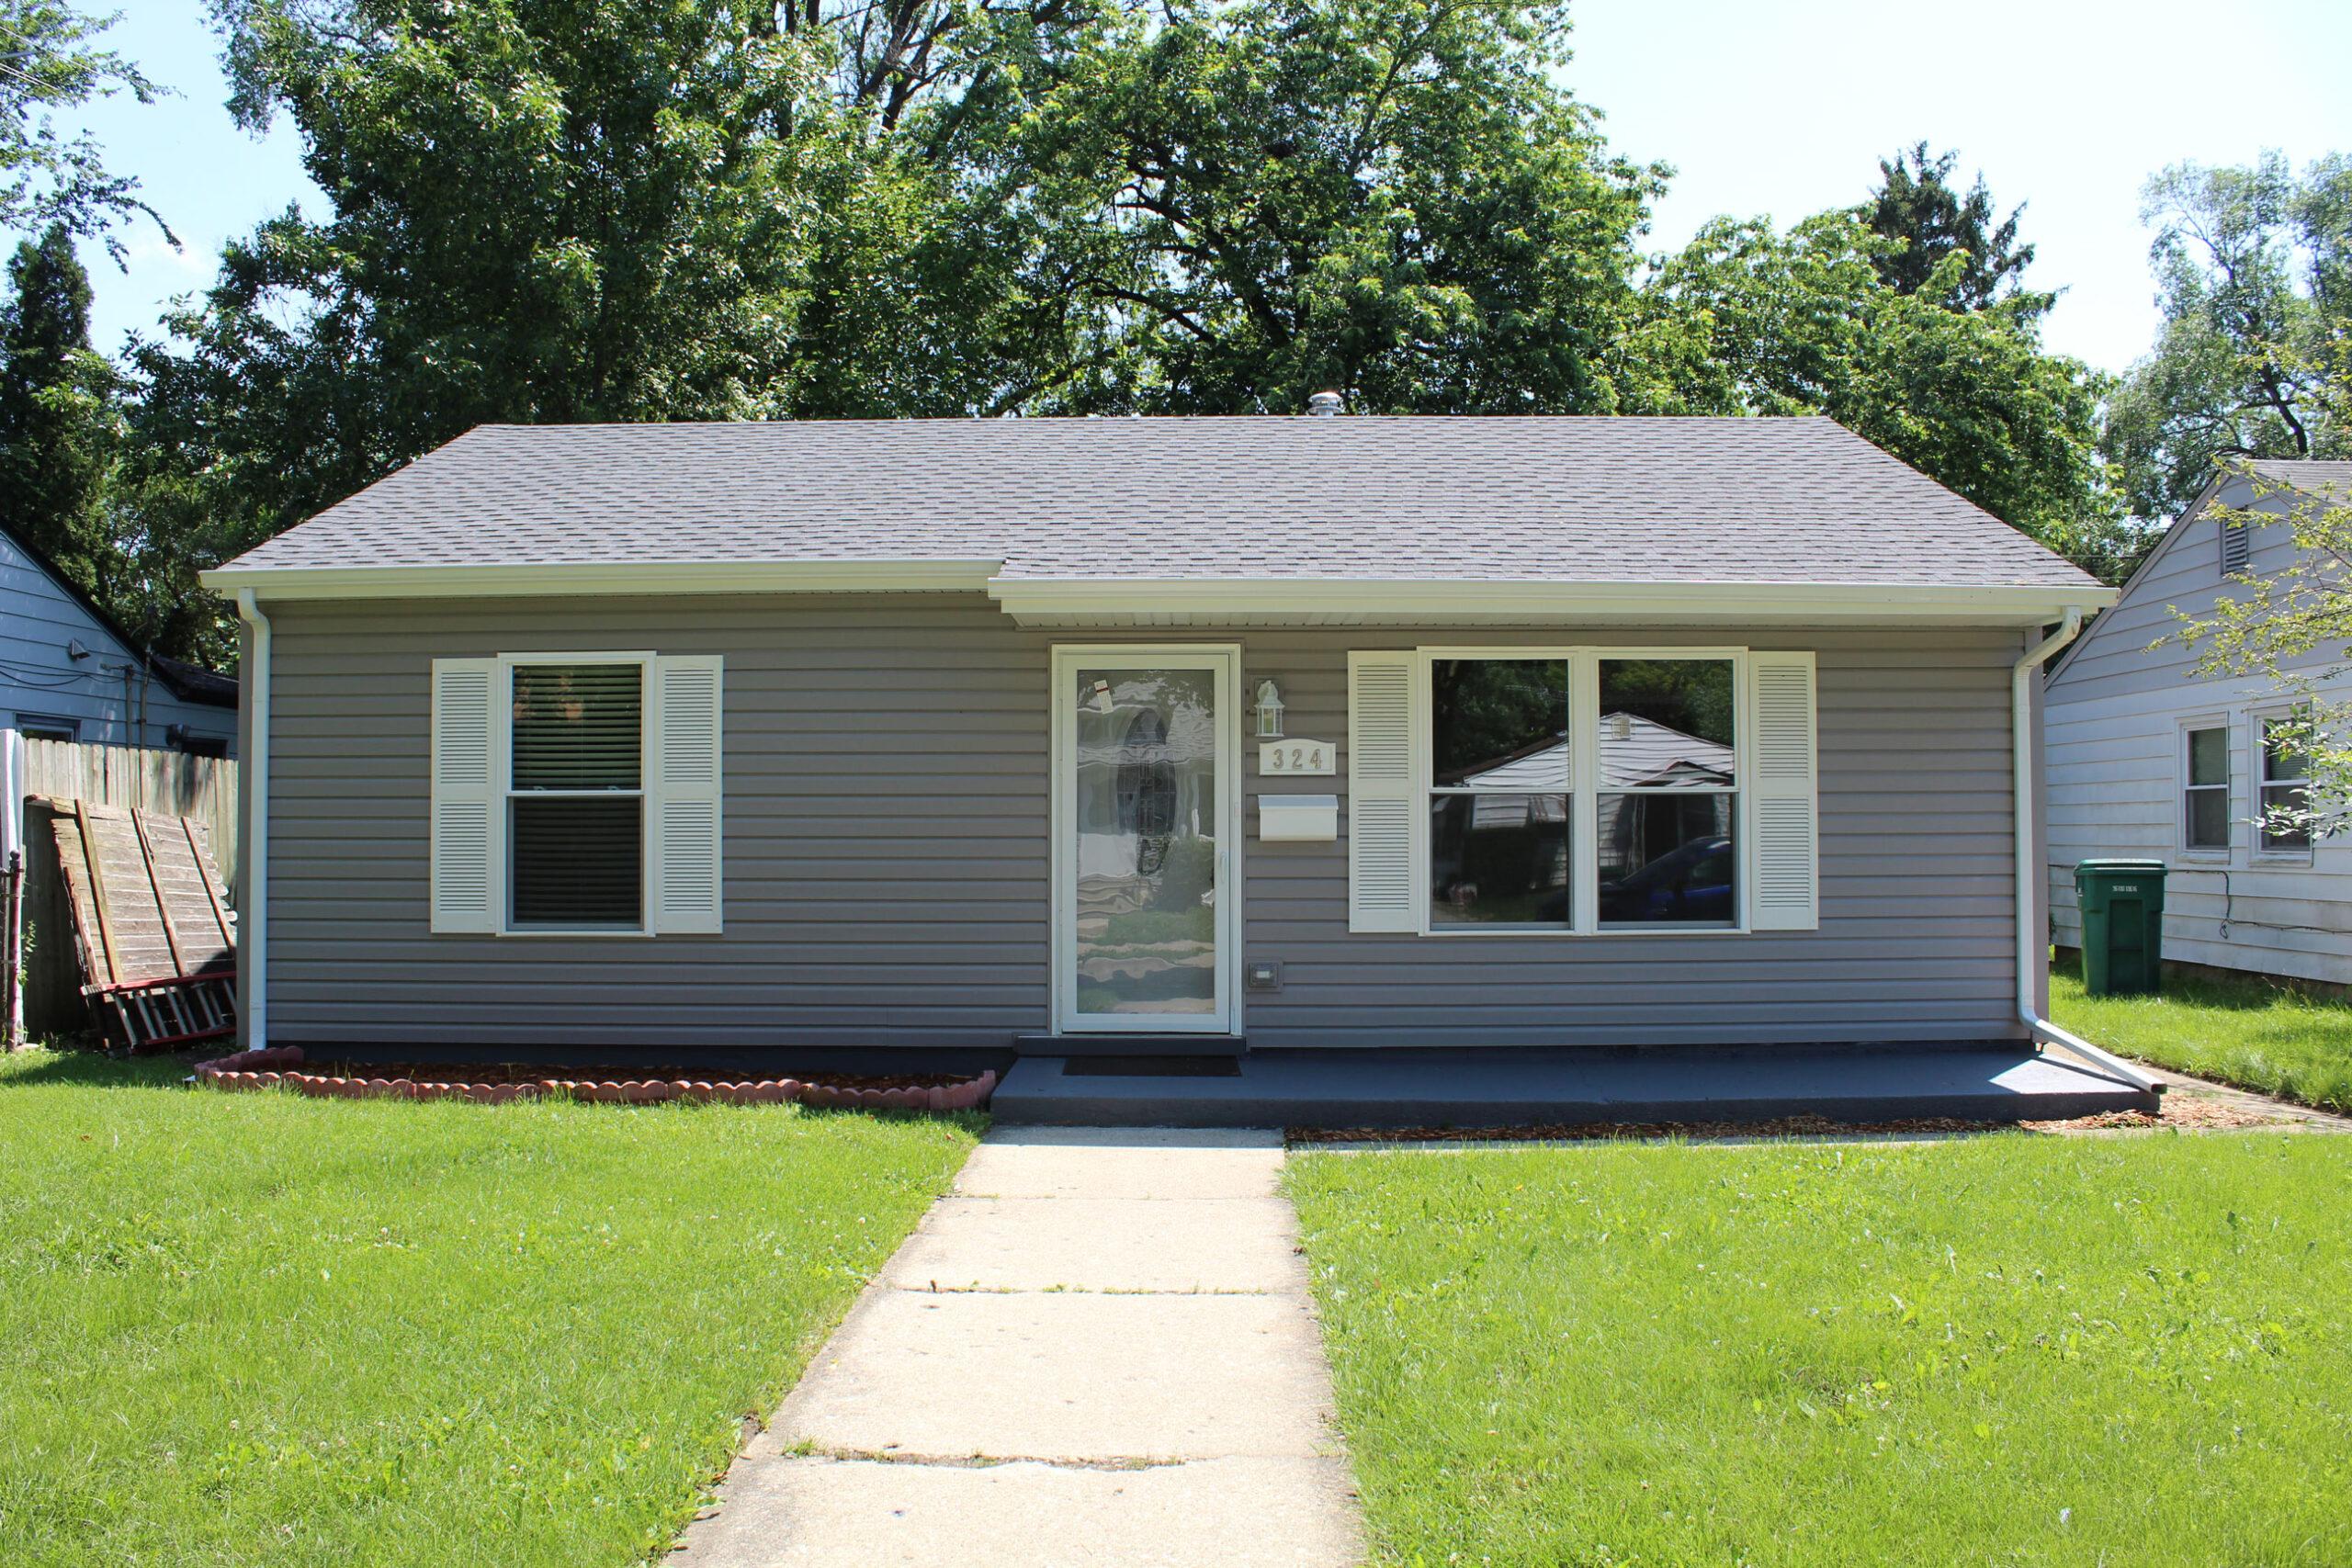 home exterior after restoration